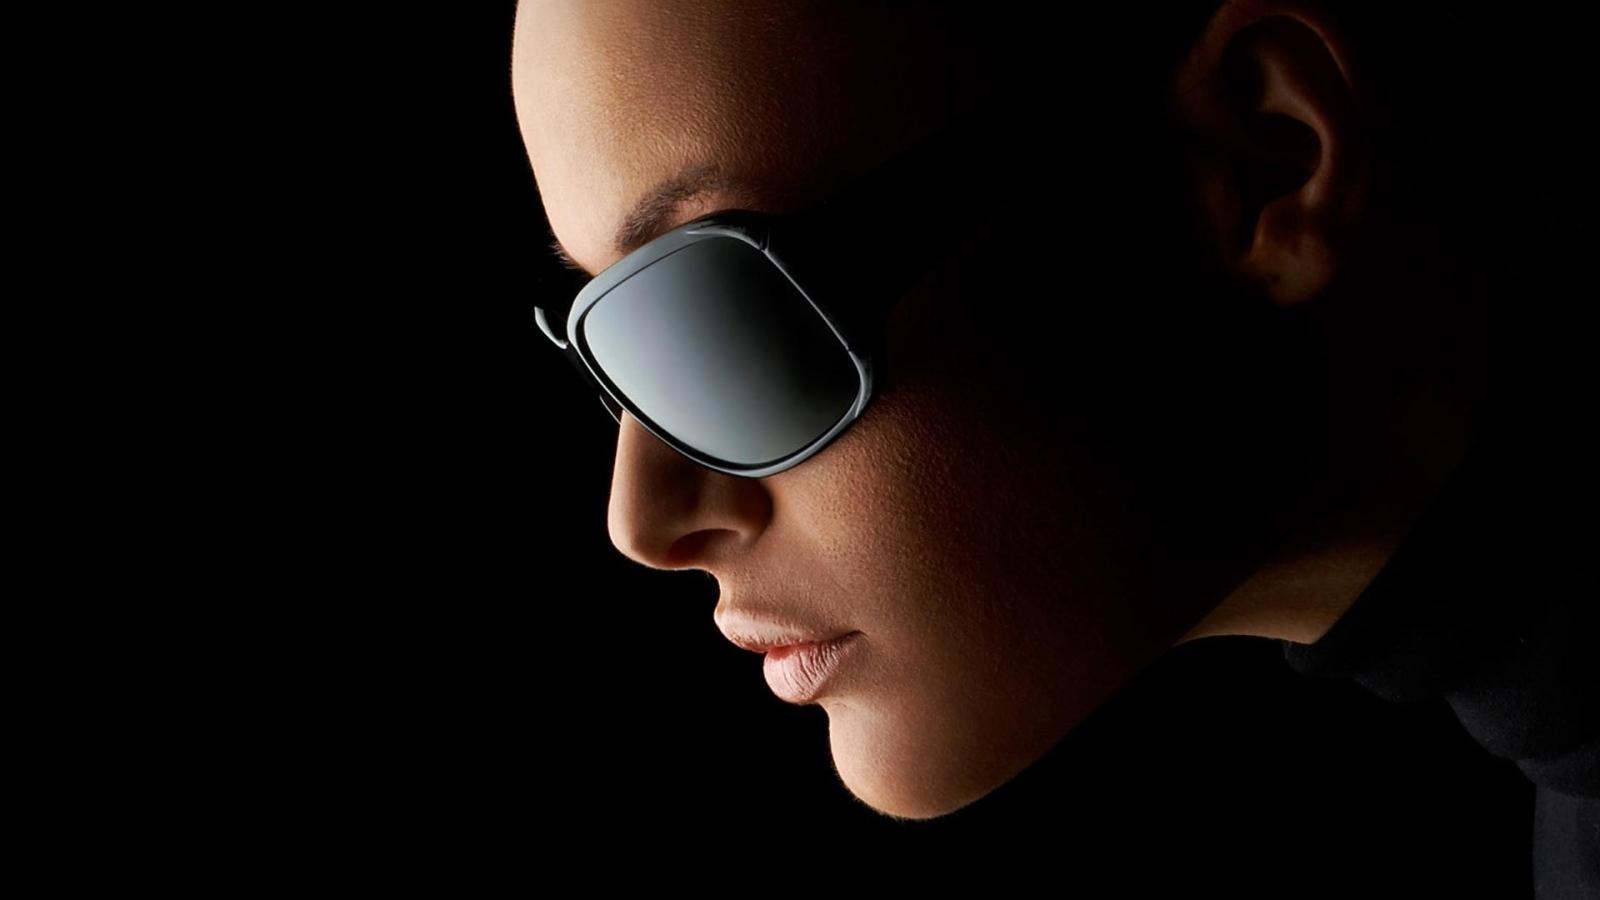 силой красивая девушка в темных очках очень красивая девушка